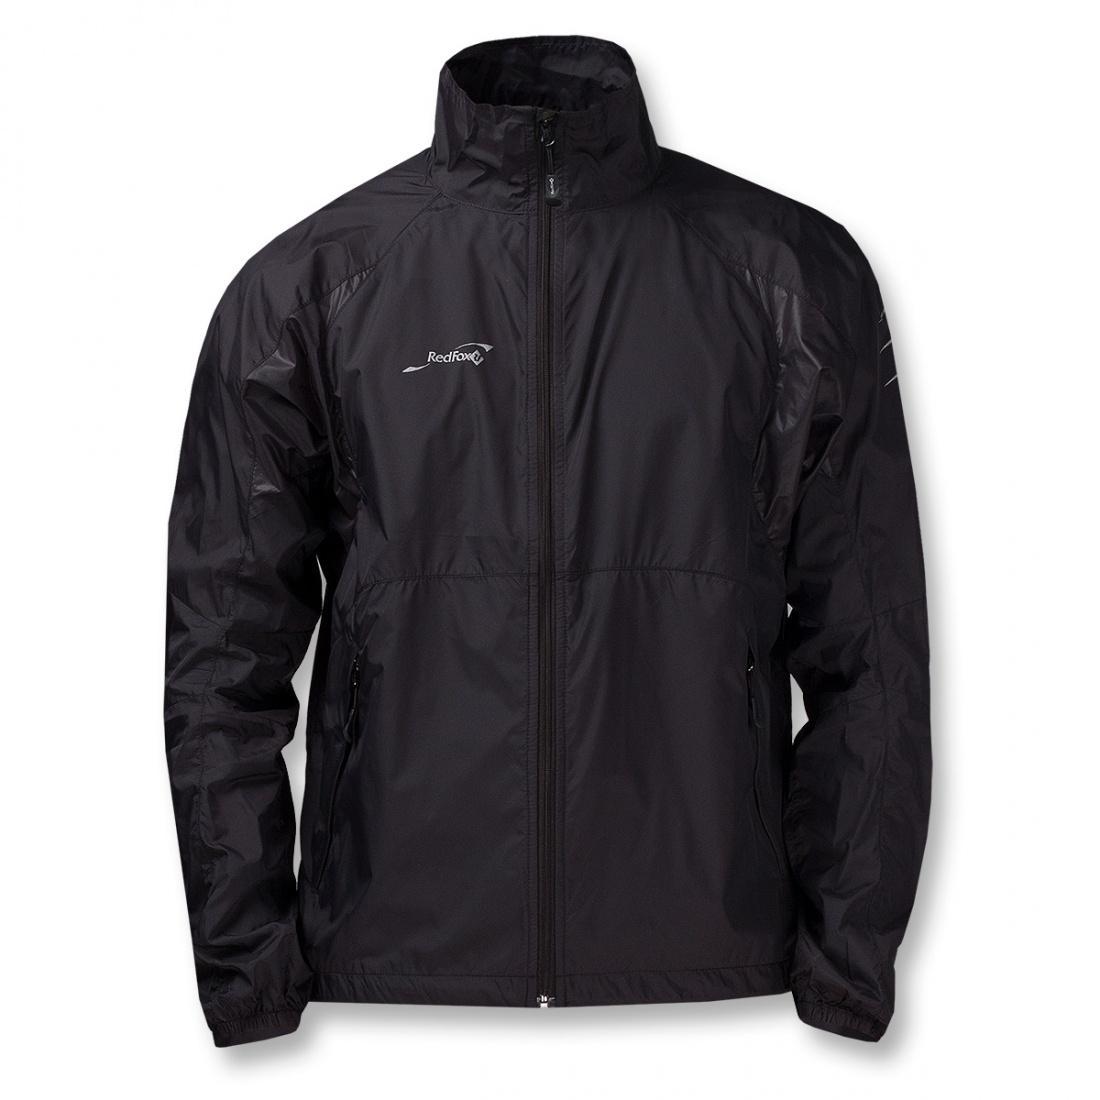 Куртка ветрозащитная Trek Light IIКуртки<br><br> Очень легкая куртка для мультиспортсменов. Отлично сочетает в себе функции защиты от ветра и максимальной свободы движений. Куртку можно компактно упаковать в карман, расположенный на спине.<br><br><br> Особенности:<br><br><br>Два бо...<br><br>Цвет: Черный<br>Размер: 44